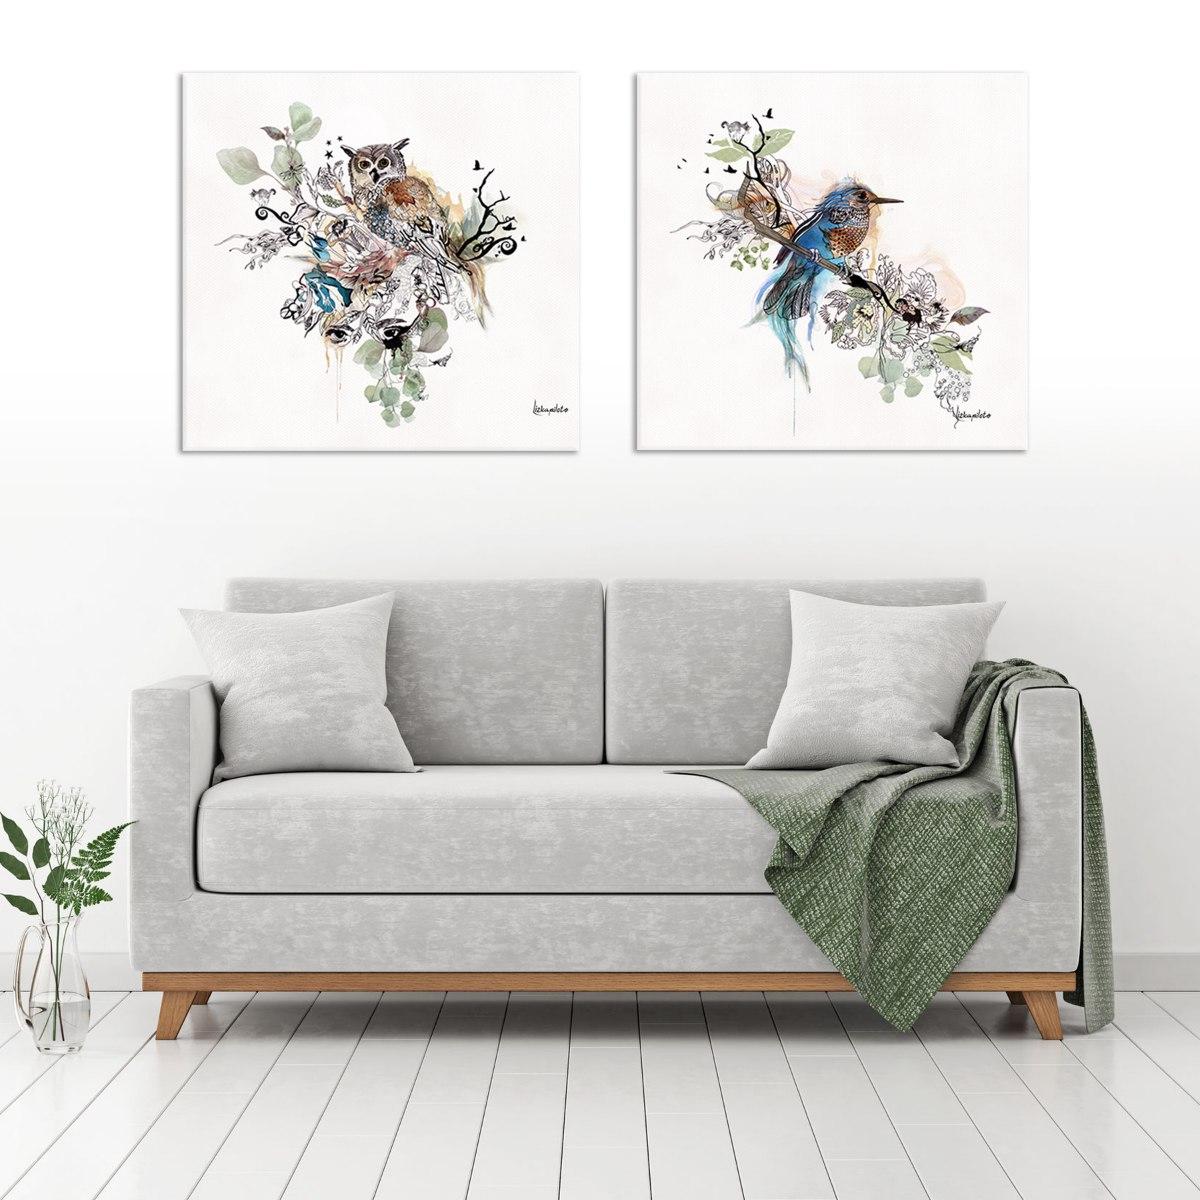 תמונה של ציפור צבעי מים